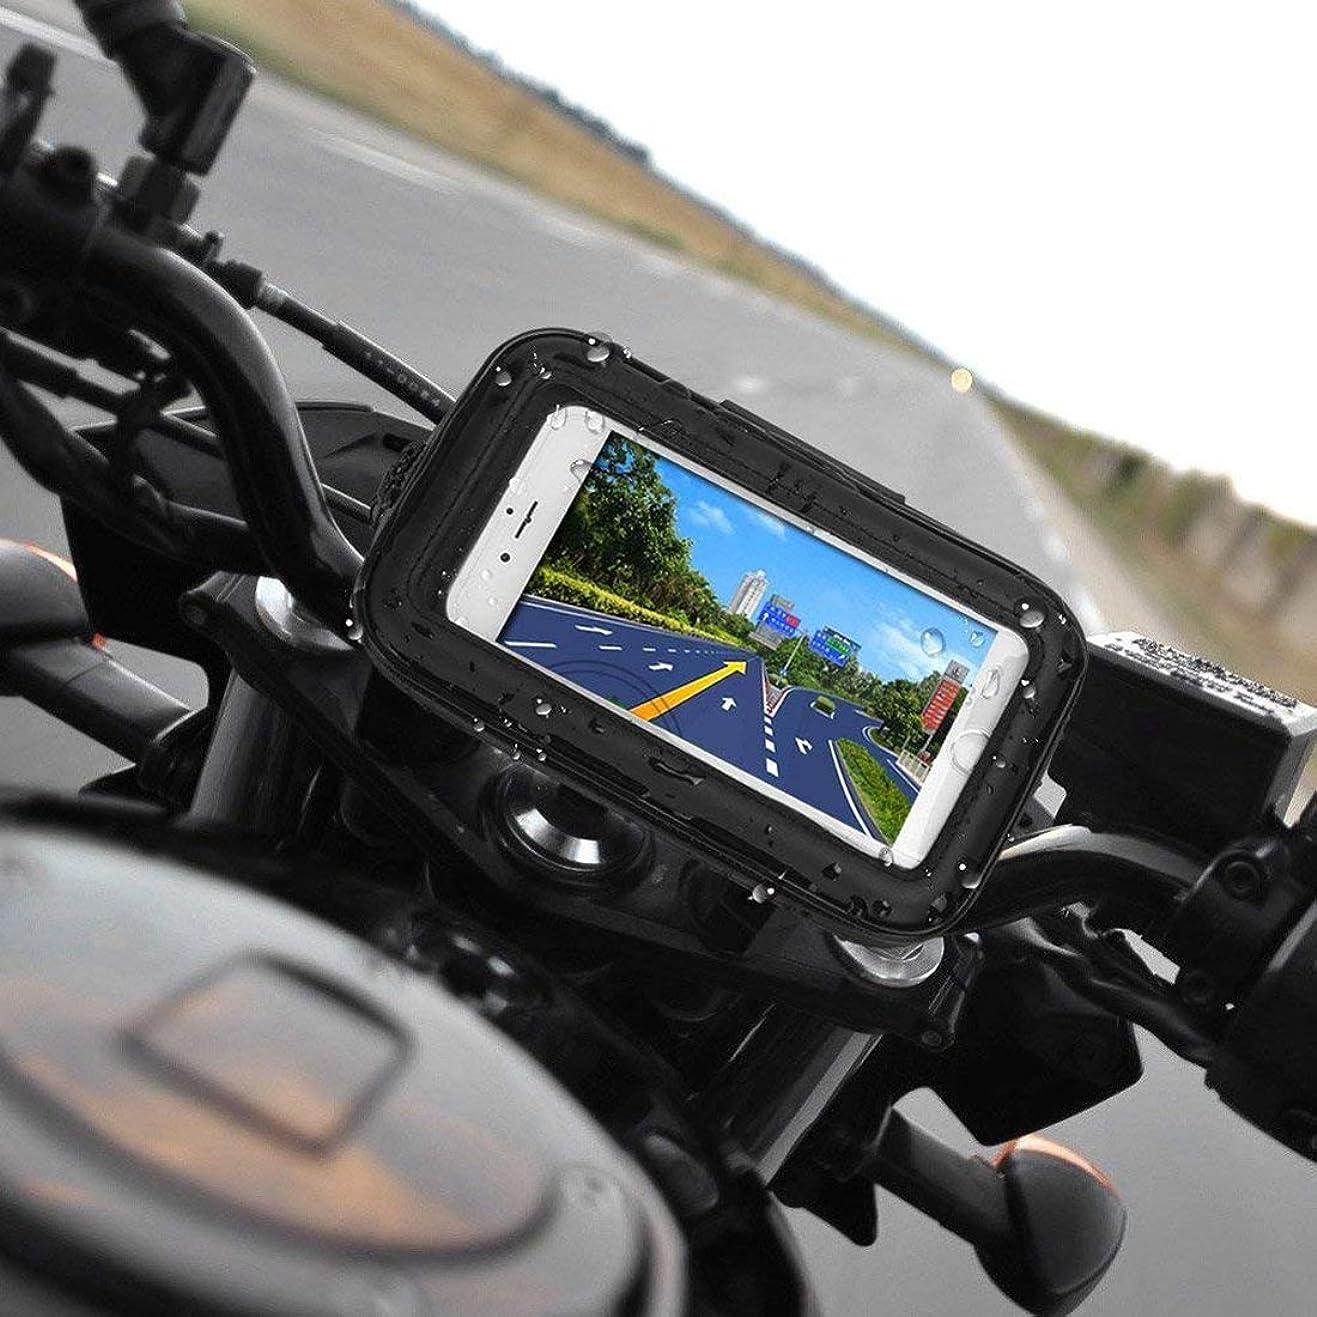 やさしく剛性運賃WongPing 5.5インチ 防水 360バイク オートバイ バイクケースバッグ マウントホルダー付き GPS Sat Nav デバイス 携帯電話用